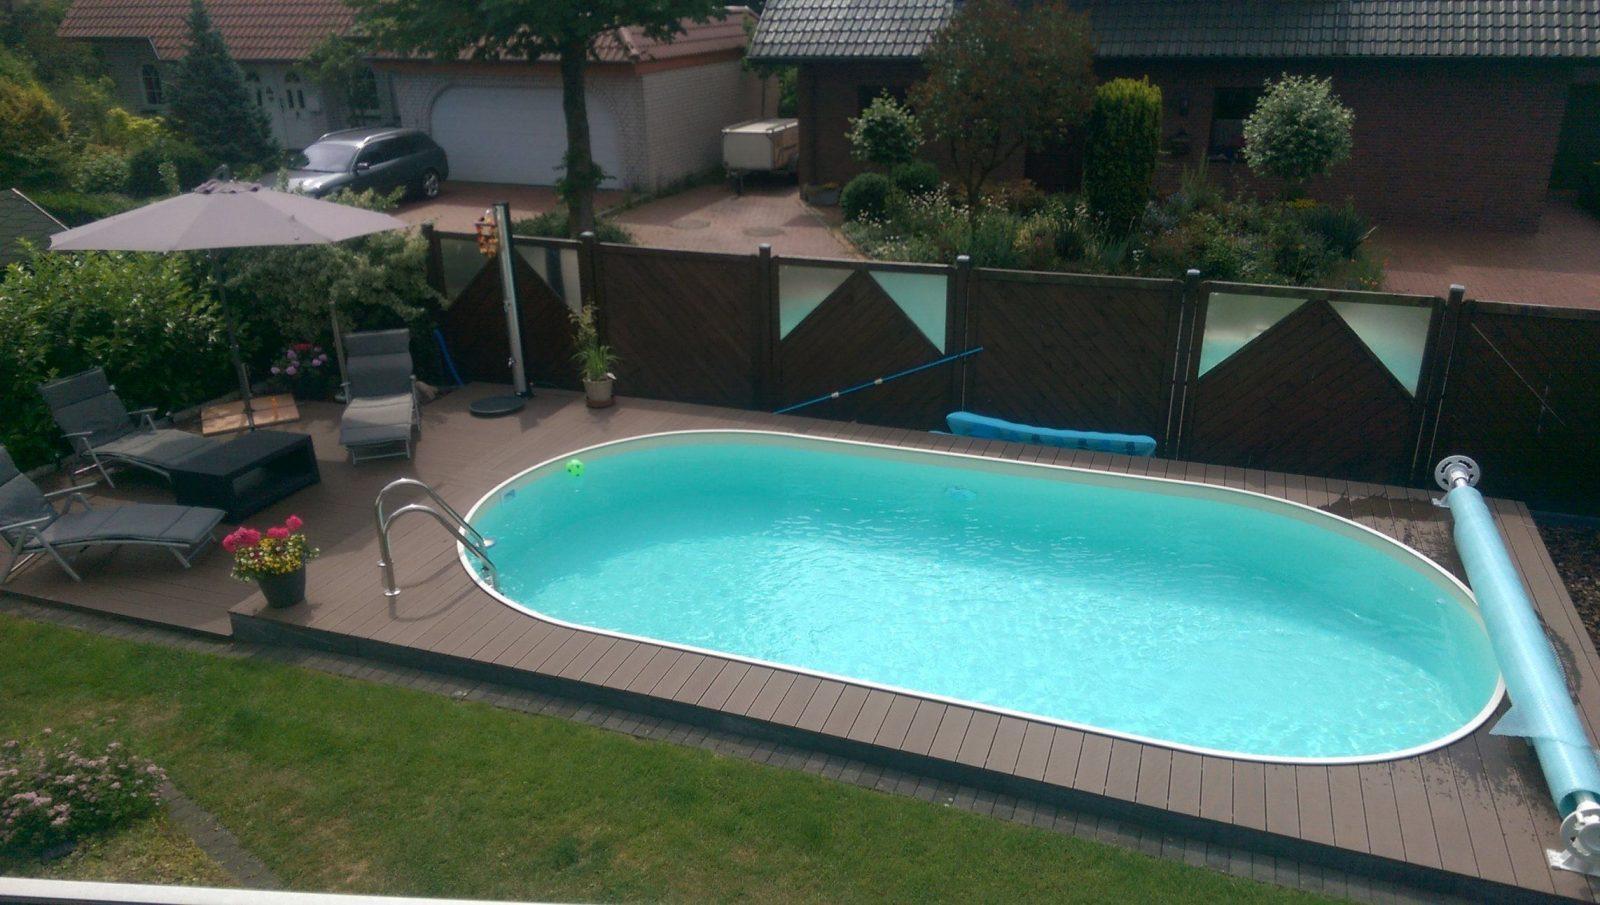 Poolakademie Der Pool Shop Für Den Eigenbau Des Heimischen Pools von Pool Selber Bauen Billig Photo